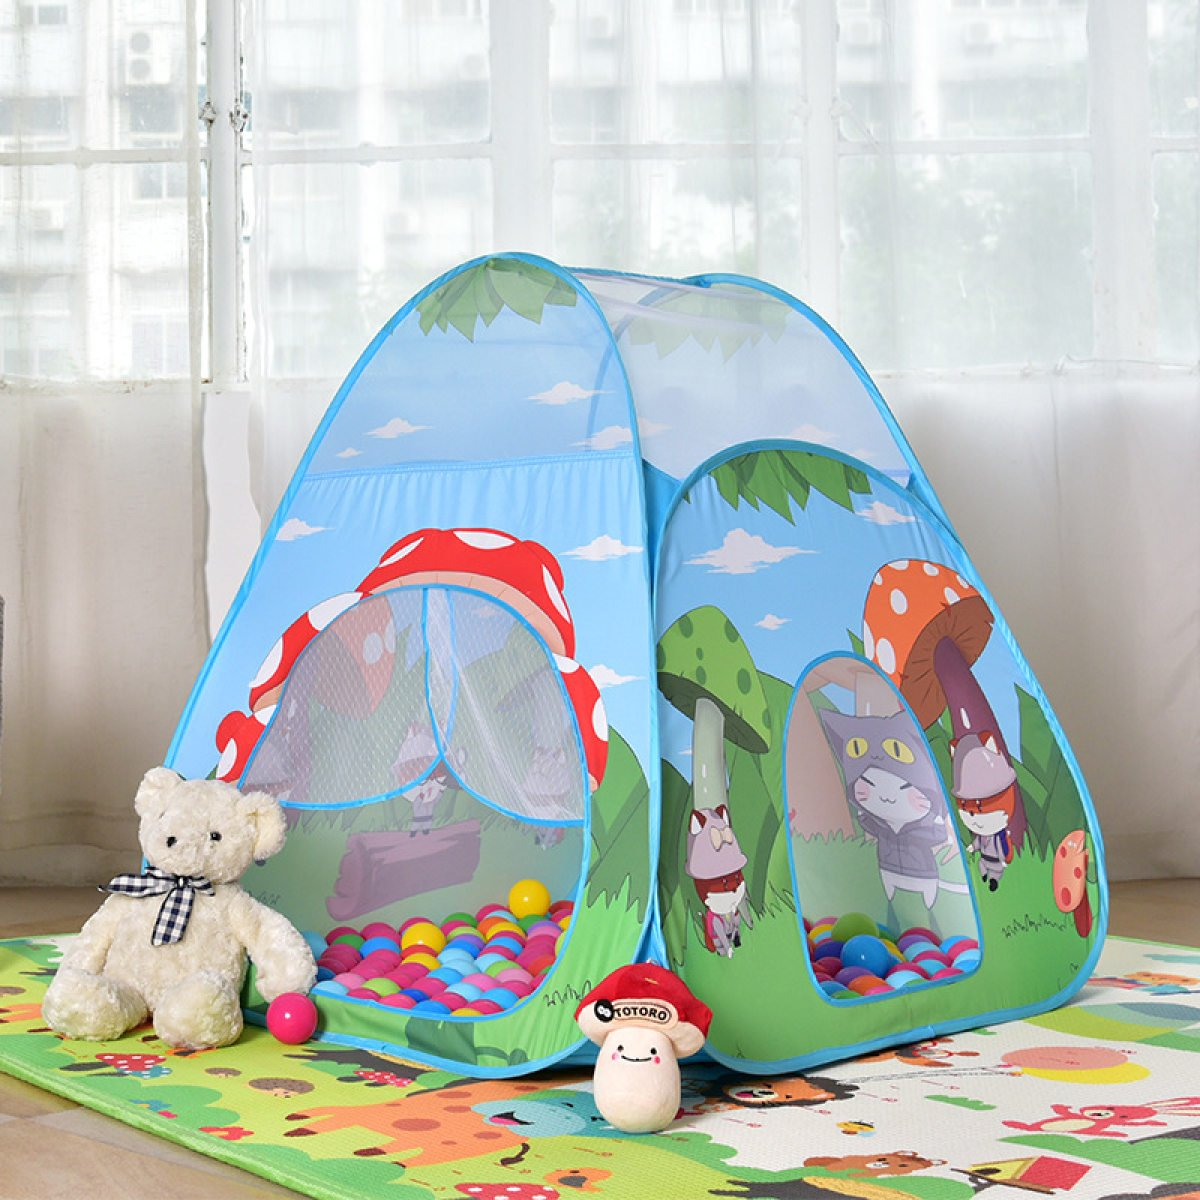 Tienda De Campaña De Hongos Tienda De Campaña De Hongos Bosque De Dibujos Animados Juego De Interior Y Exterior Casa De Juguete De Bebé